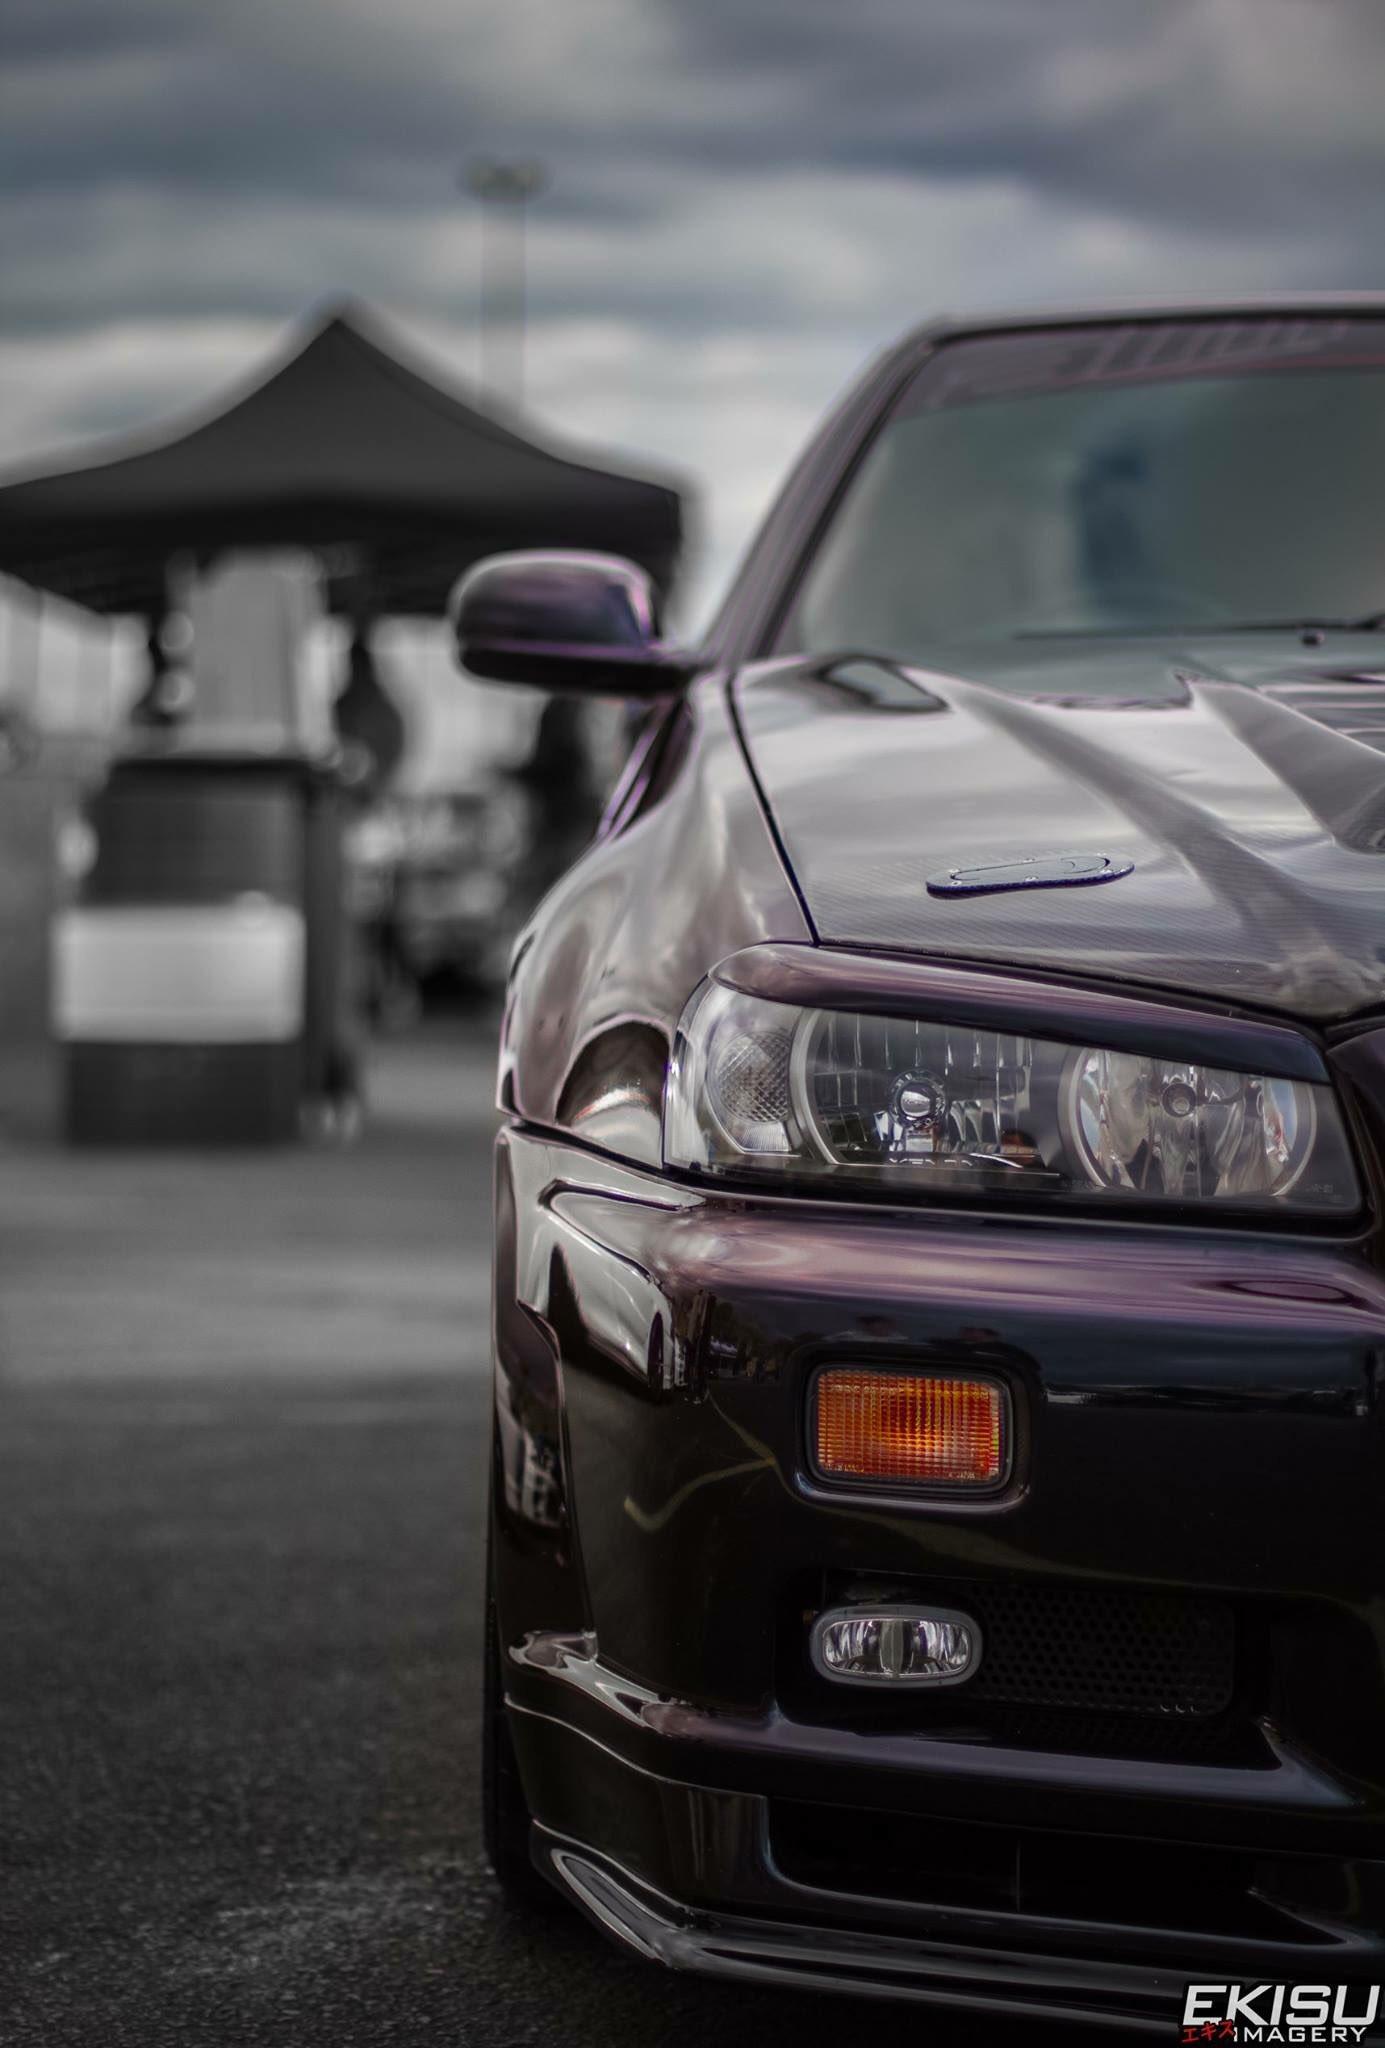 Ekisuimagery On Twitter Quot Nissan R34 Gtr Mobile Wallpaper